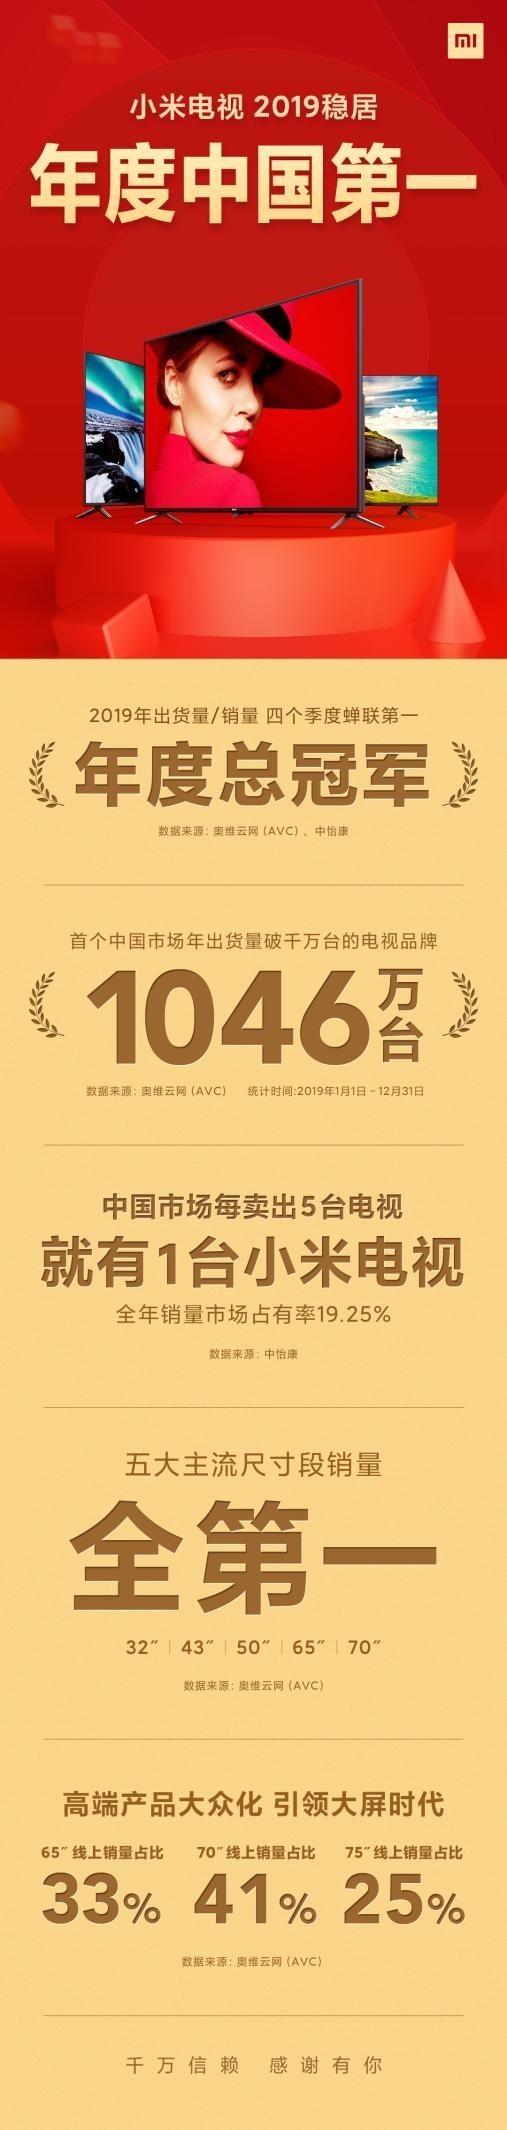 小米電視去年出貨量超千萬臺 位居中國首位